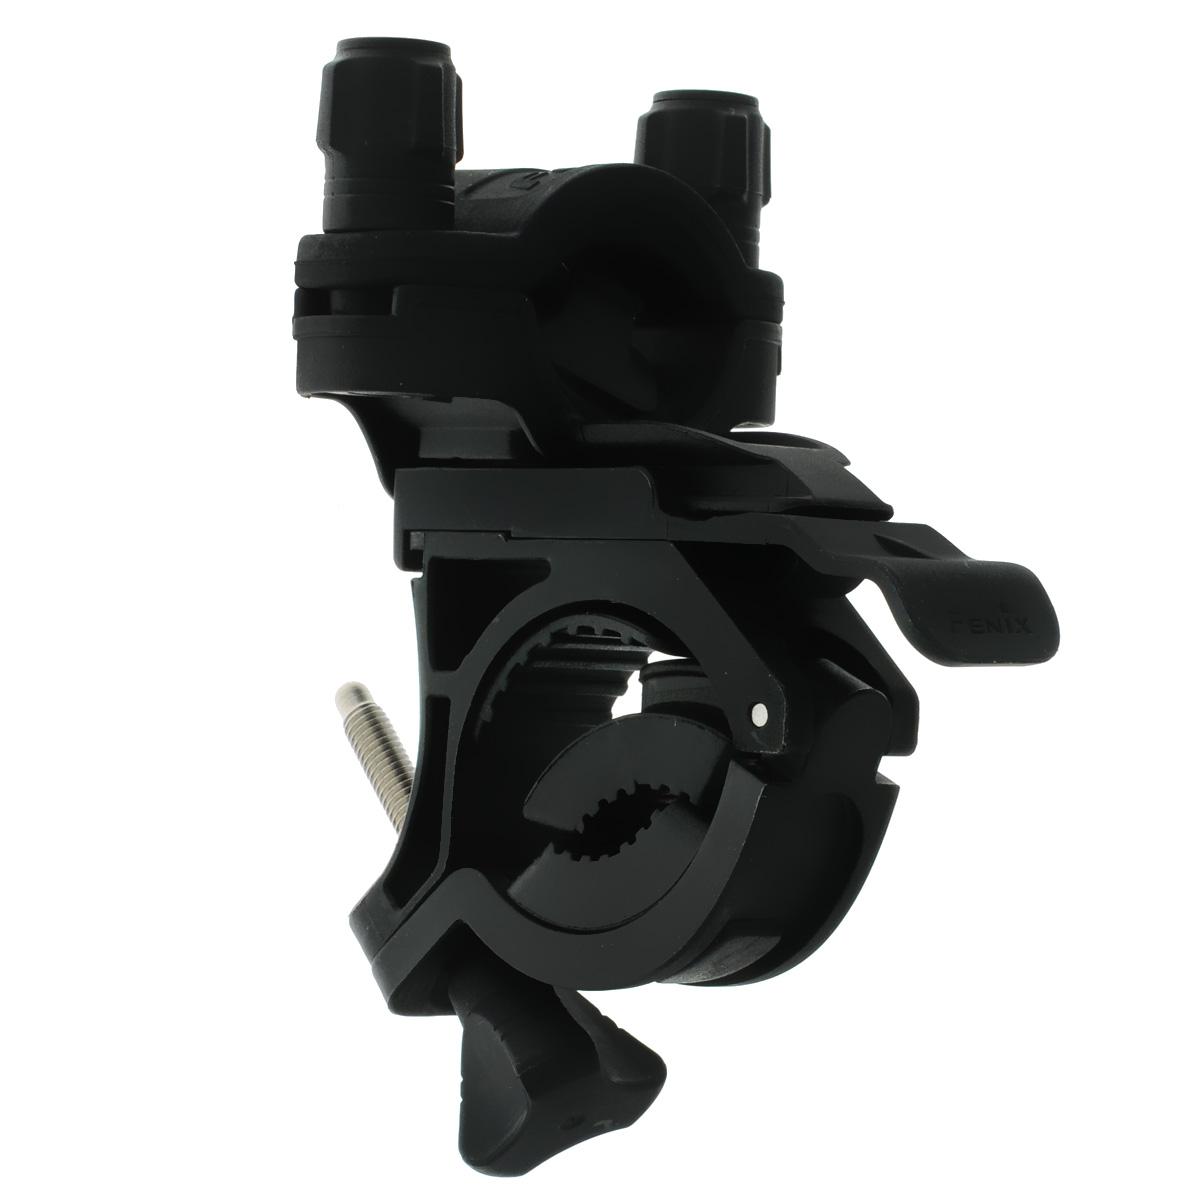 Крепление велосипедное Fenix ALB-10ALB-10В целом, конструкция крепления Fenix ALB-10 разработана таким образом, что процесс крепления и фиксации фонаря осуществляется крайне просто и занимает минимум времени. Проработаны мельчайшие детали, способствующие быстрой адаптации крепления под соответствующий инструмент. В итоге Fenix ALB-10 представляет собой гениально простое решение для приспособления фонаря в нужное место для определенных целей. Велосипедное крепление Fenix ALB-10 вполне традиционно не имеет ничего лишнего — лишь самый необходимый функционал, в который помимо основной задачи закрепления фонаря на руле входит также и возможность регулировать направление света горизонтально в пределах 30°. Совмещая и комбинируя некоторые детали можно добиться полной ликвидации эффекта встряски, которая происходит во время движения, особенно по пересеченной местности. Правильно используя каучуковые прокладки, вы значительно обезопасите ваш фонарь от нежелательных потрясений. Подходит для UC35, UC40, TK22, TK15,...